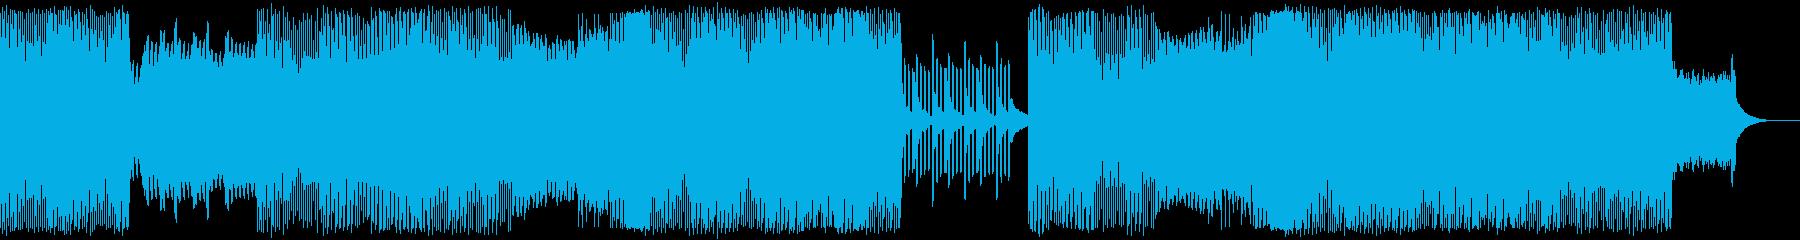 前向きでエモーショナルなピアノエレクトロの再生済みの波形